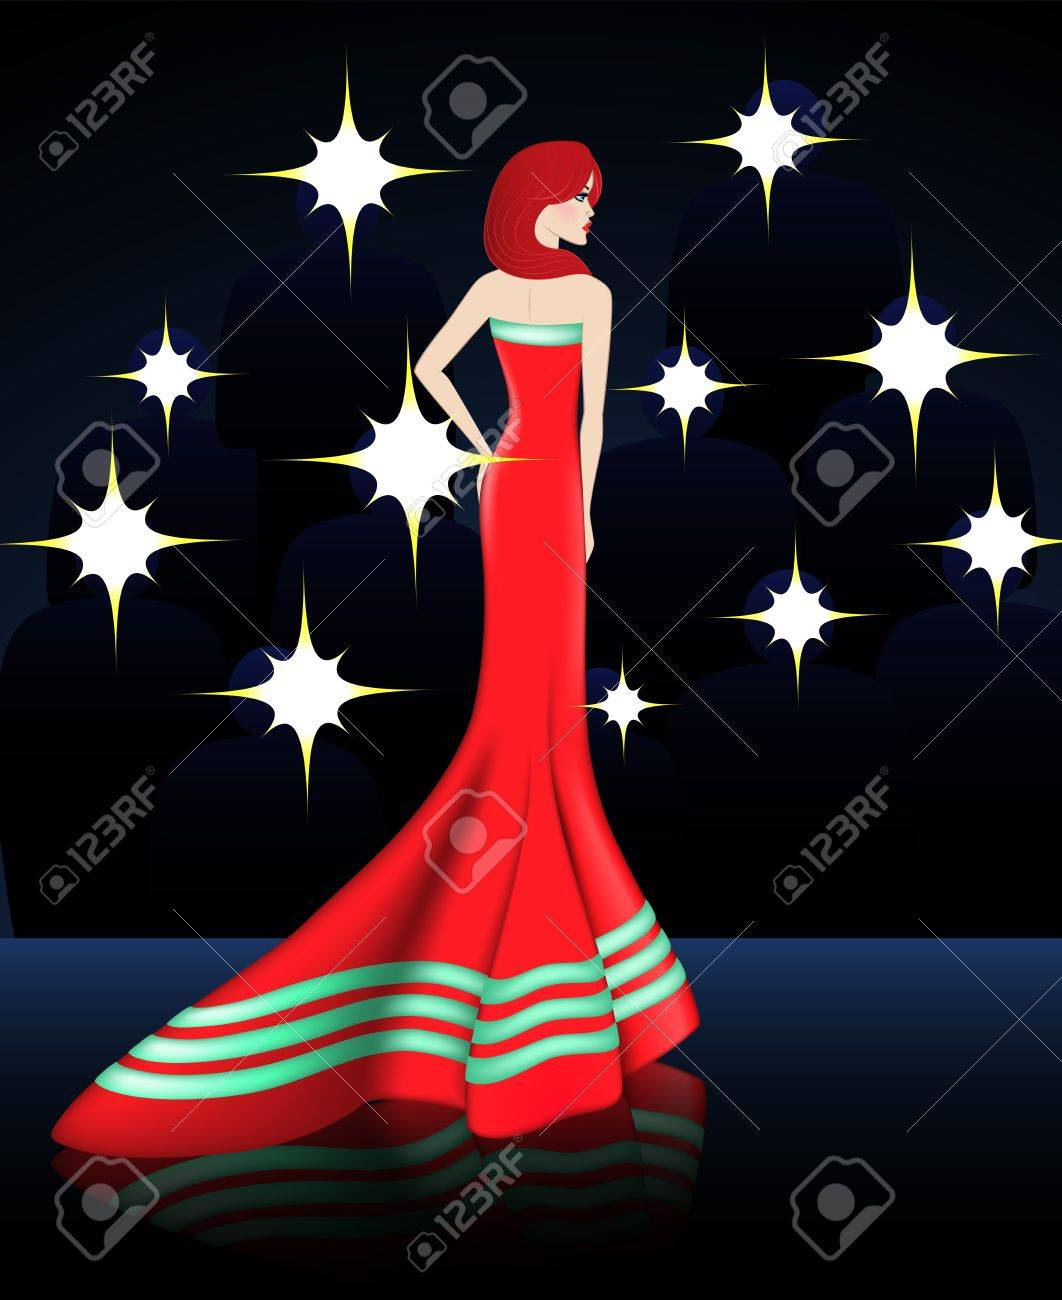 Diese Dame Ist Celebrity Sie Im Eleganten Roten Kleid Mit Klebeband ...